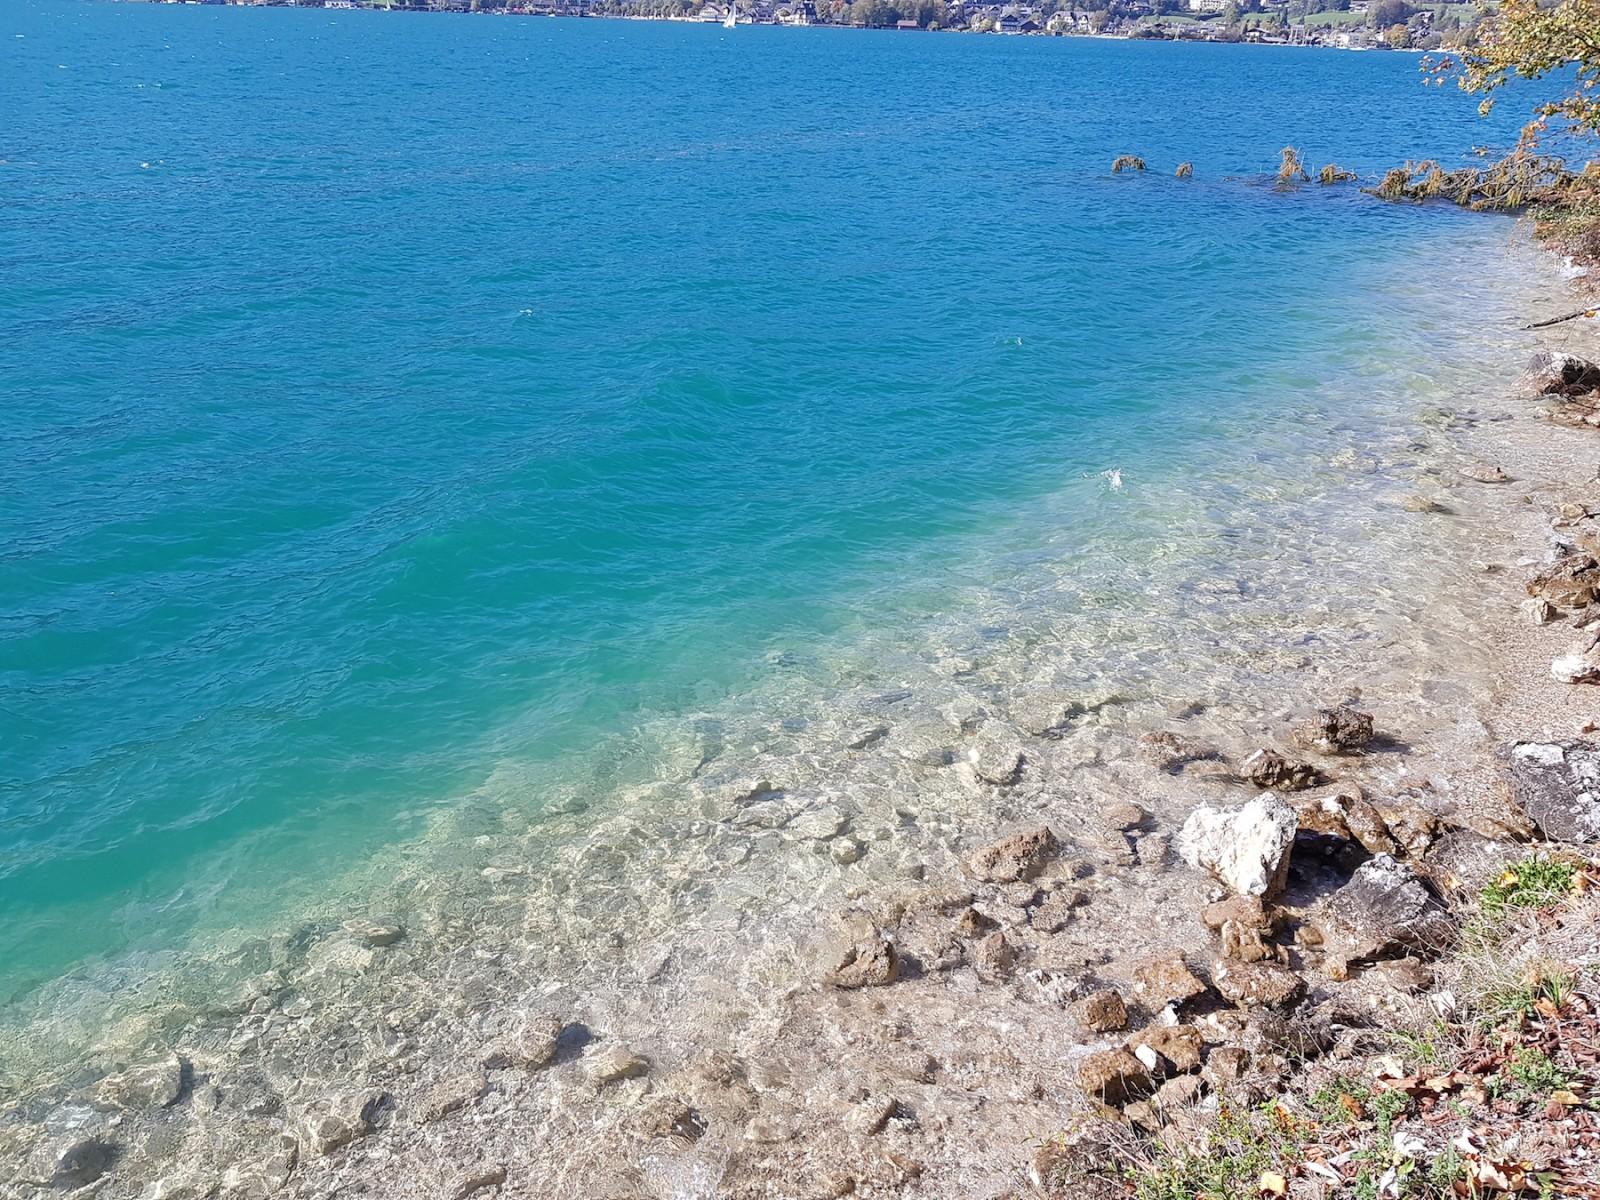 ...Meer oder See?